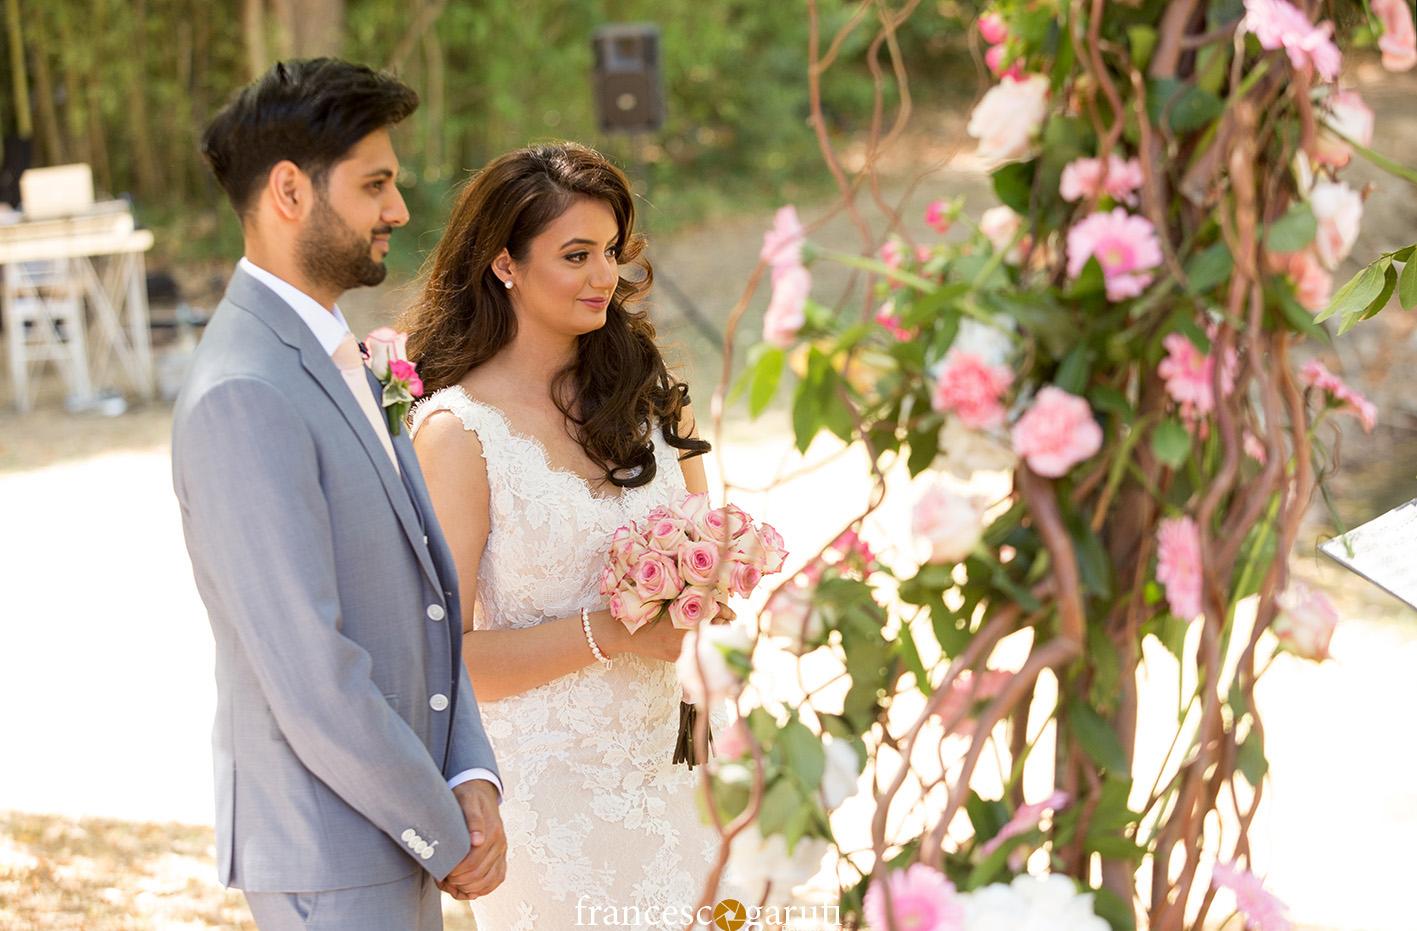 matrimonio indiano in Toscana